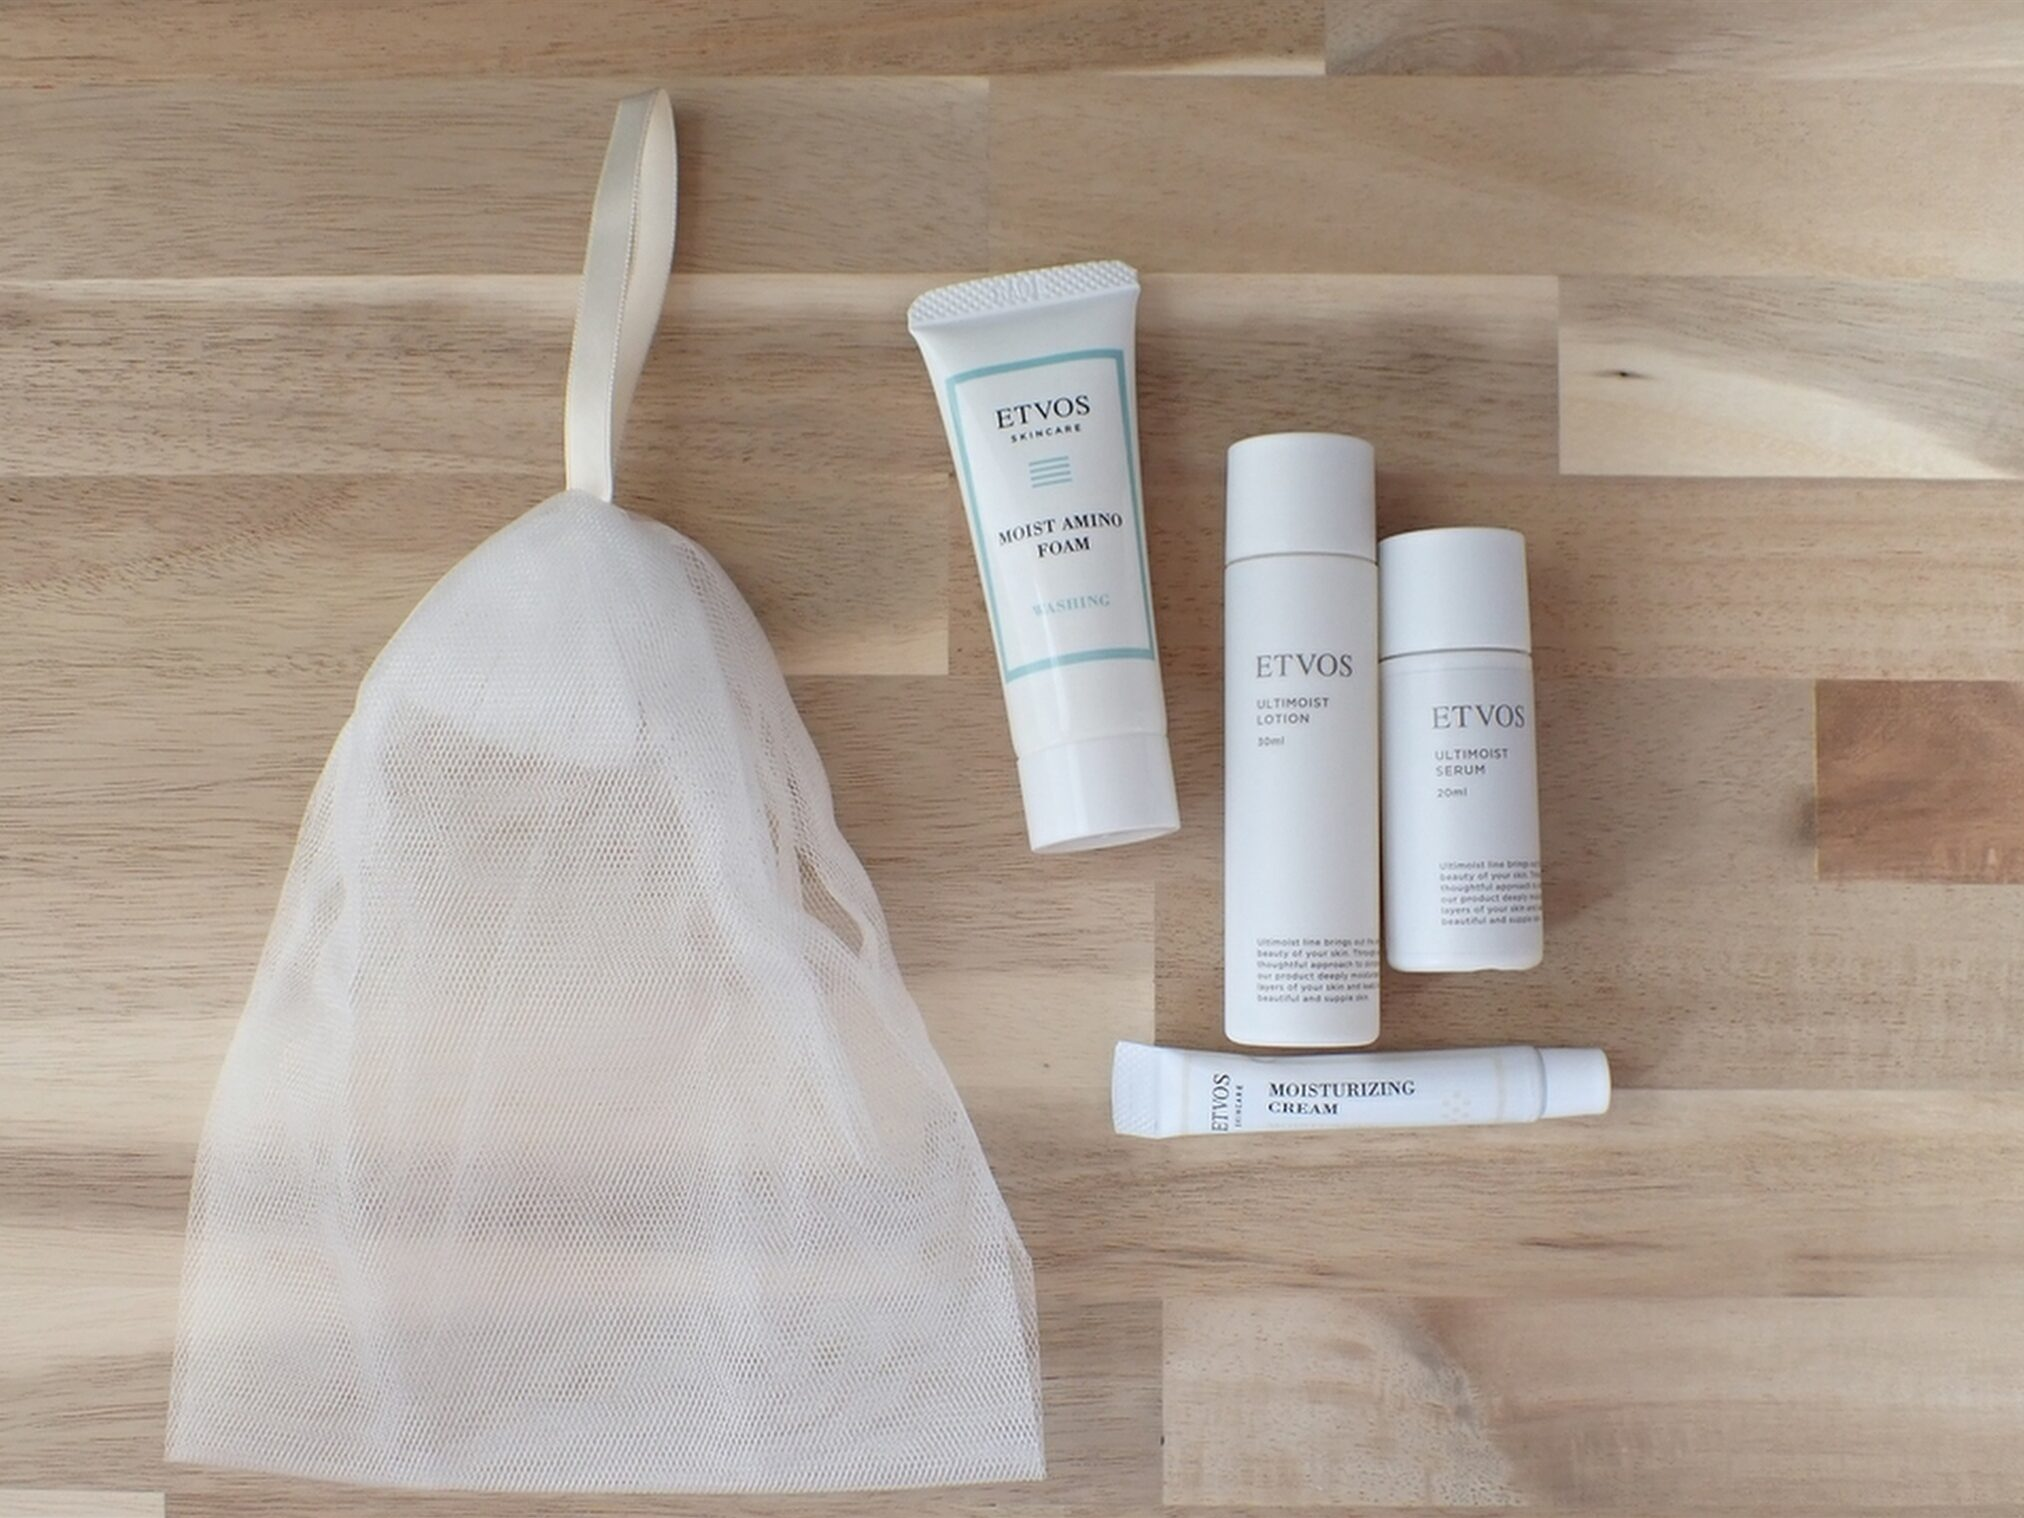 エトヴォス アルティモイスト トライアルキット ETVOS 洗顔ネットつきのトライアルセットです